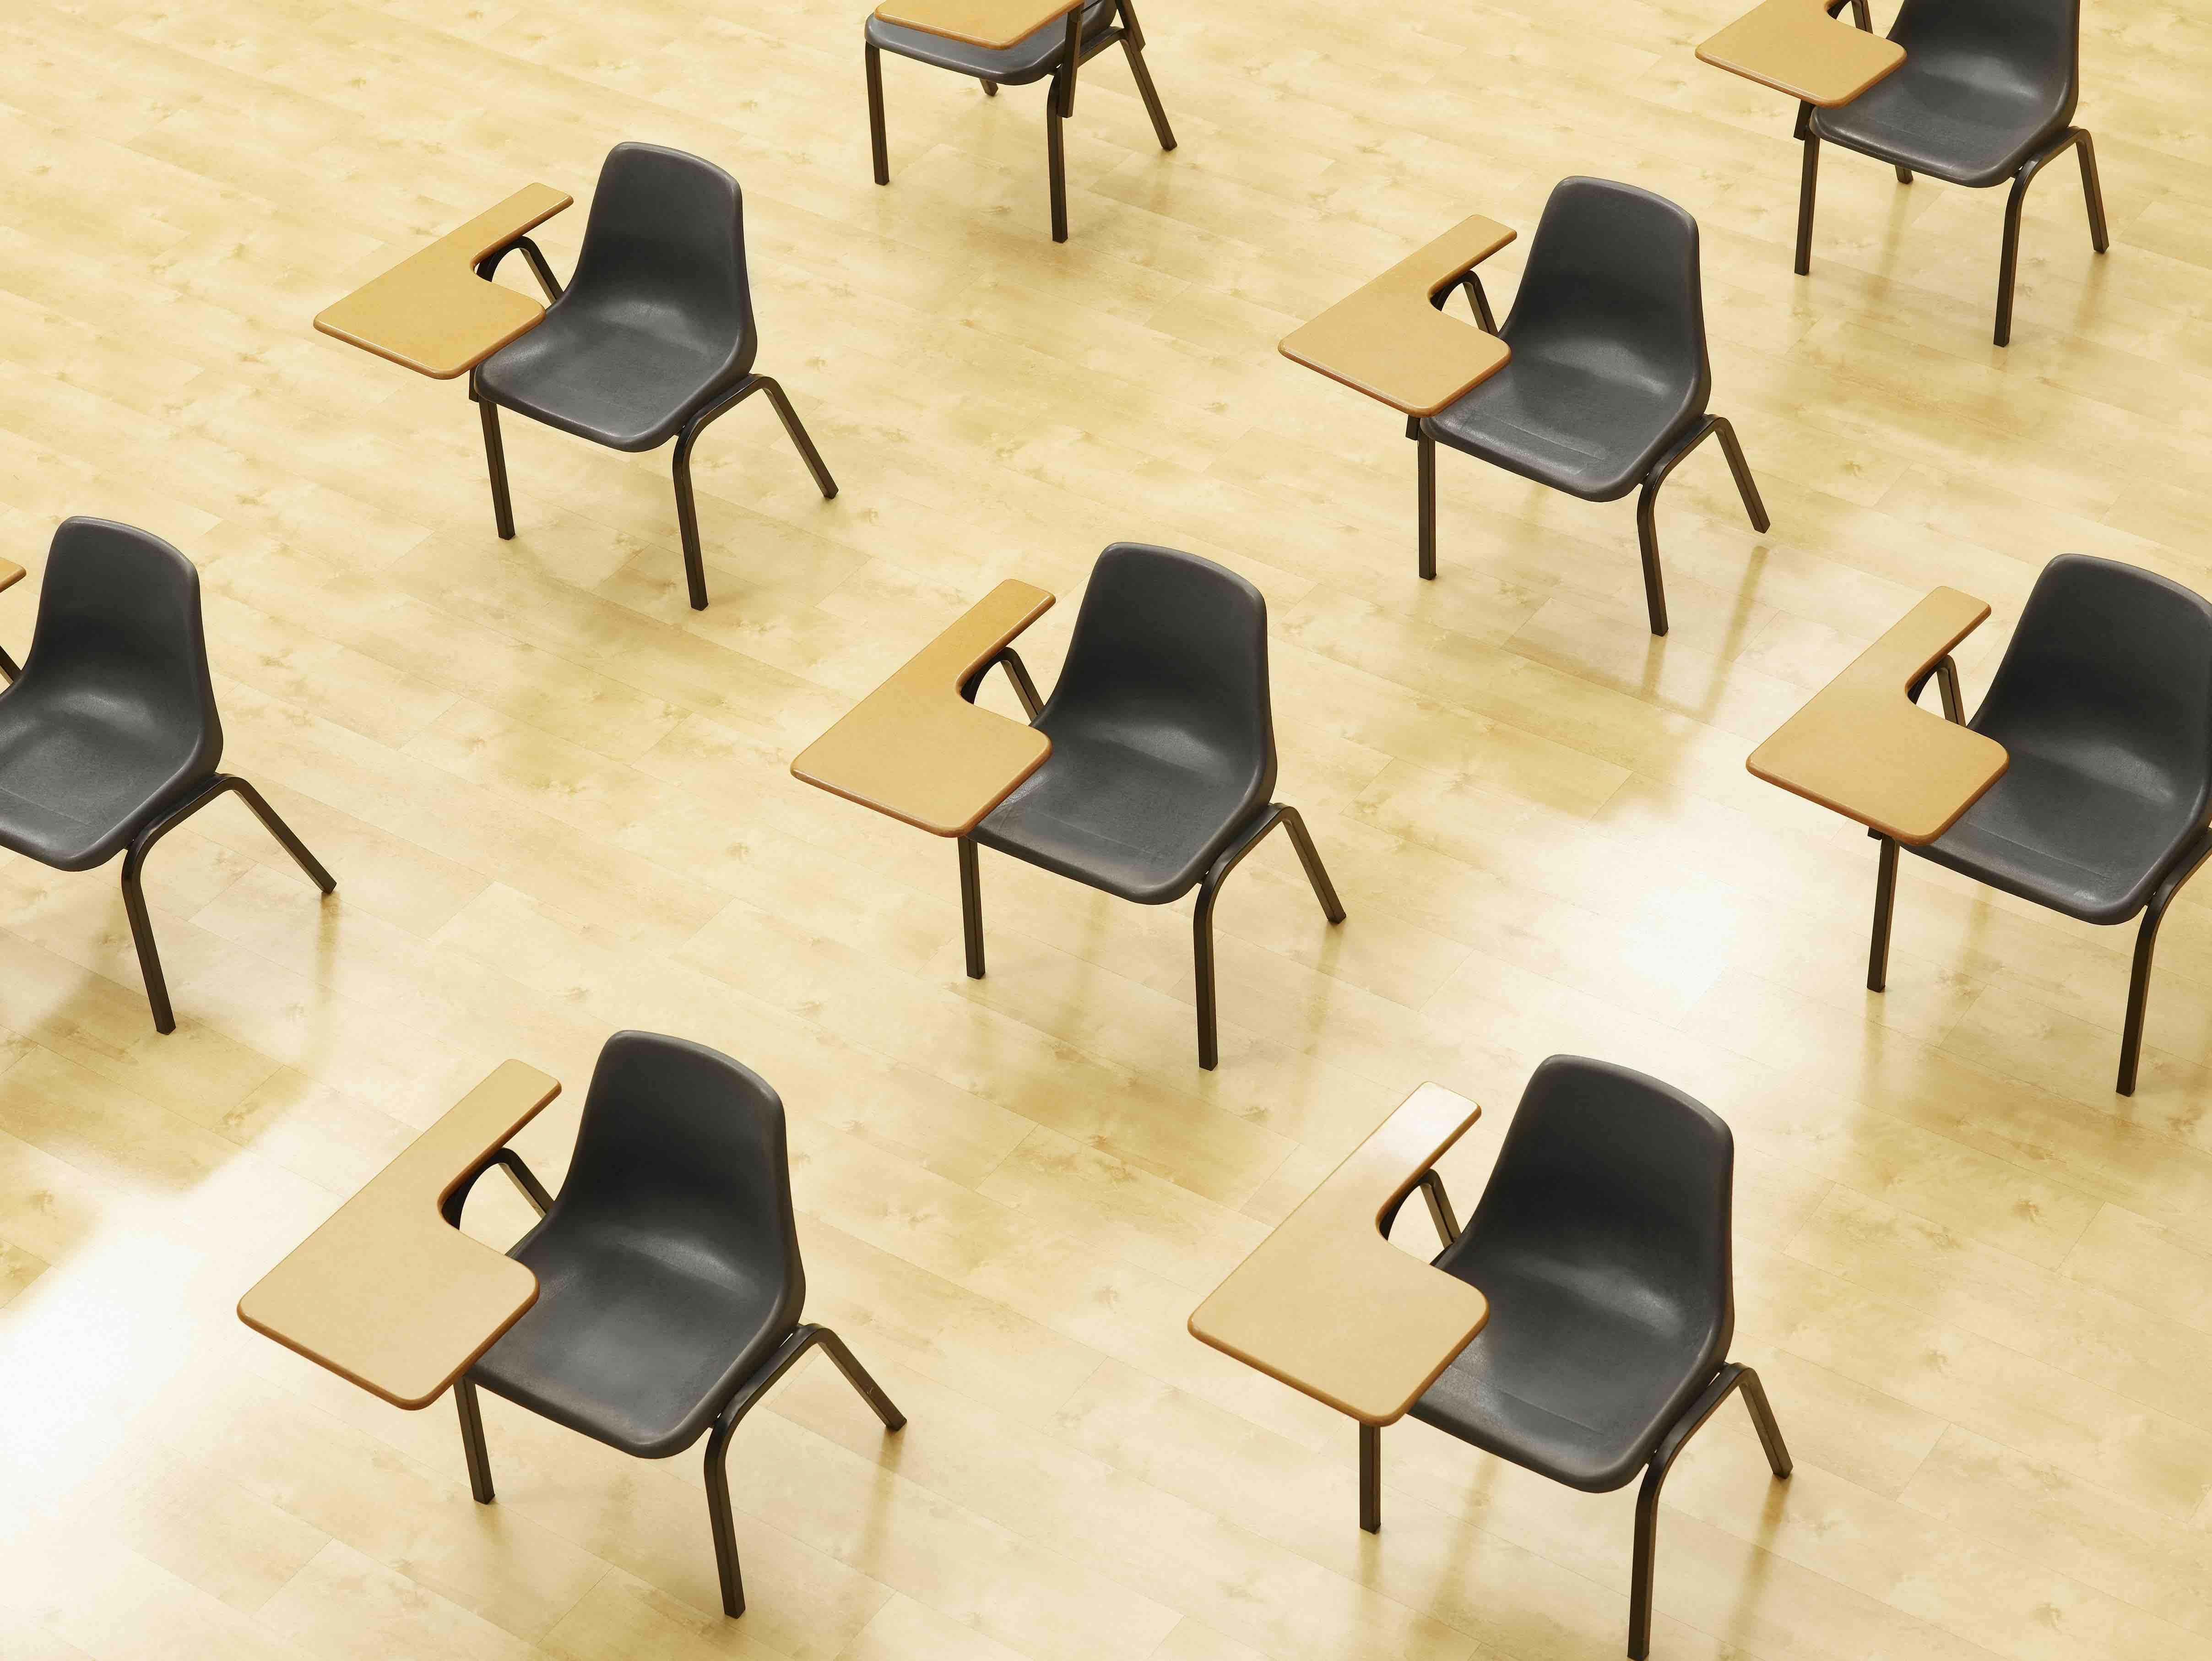 cadeiras escolares afastadas vista em sala de aula vazia